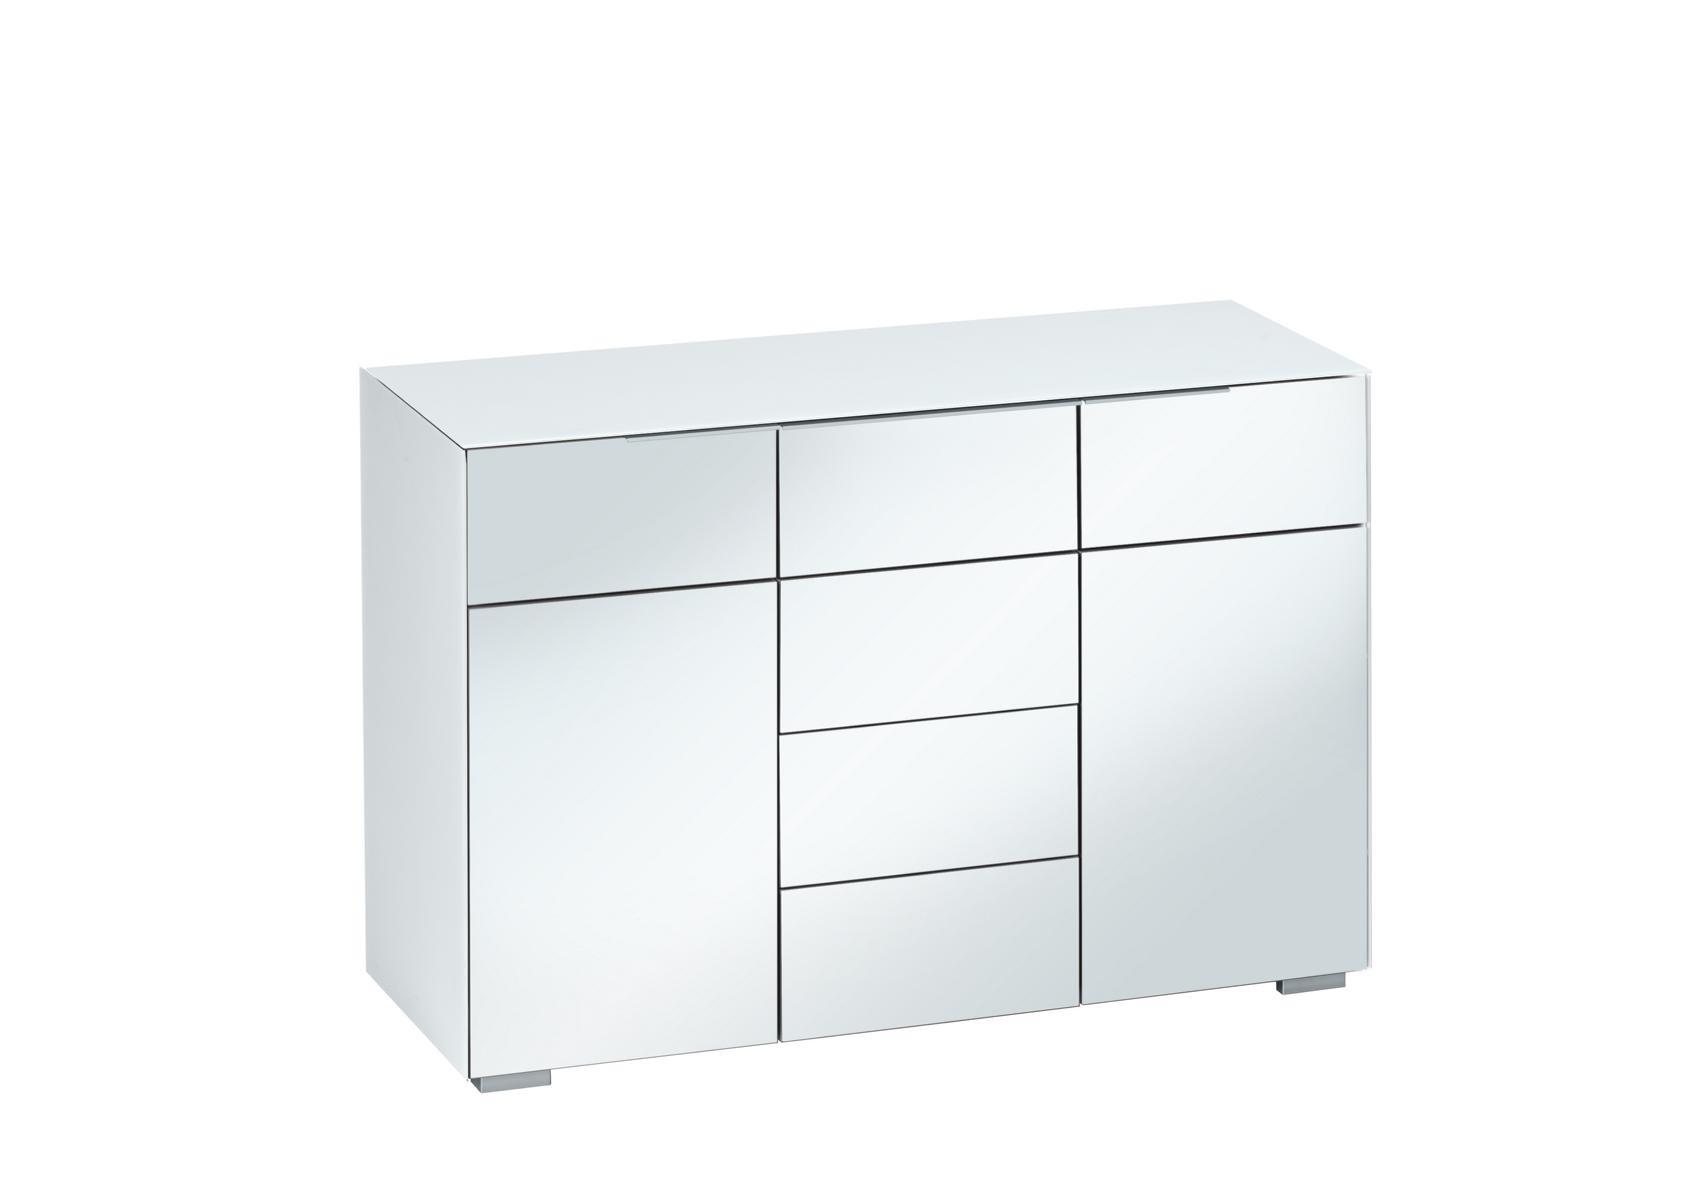 Kommode Sideboard Mod Mj149 Weissglas Grauspiegel H C Mobel